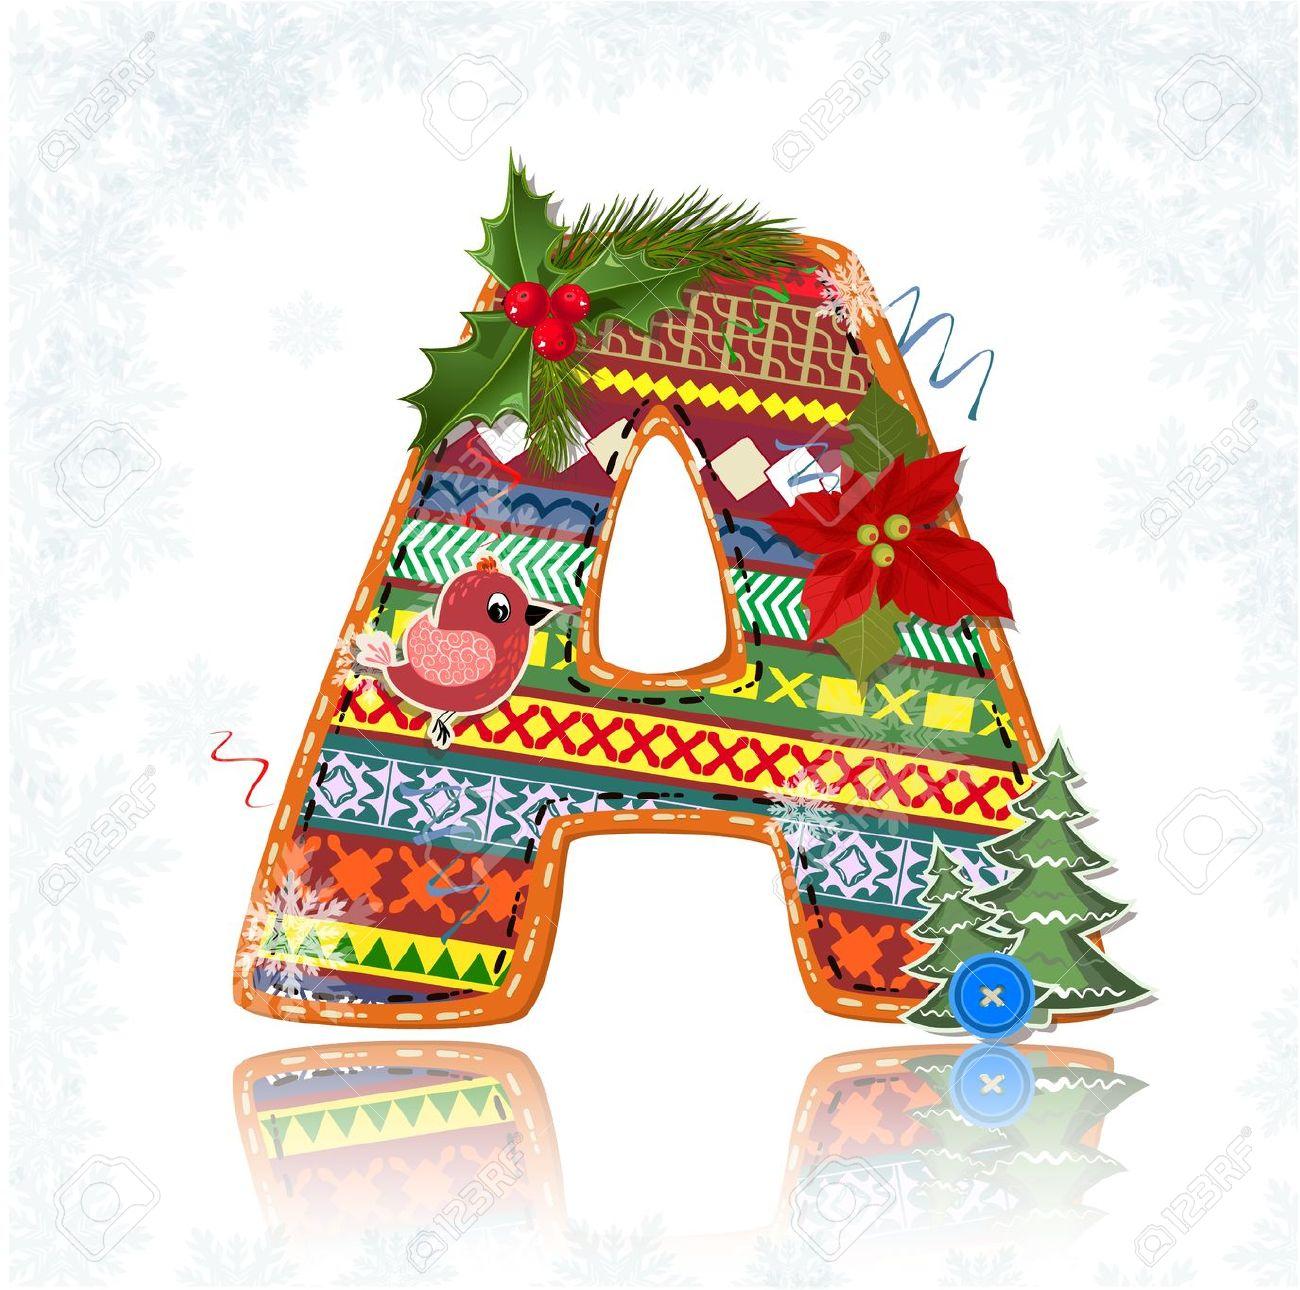 Christmas clip art letters clipart transparent download Christmas clip art letters - ClipartFest clipart transparent download